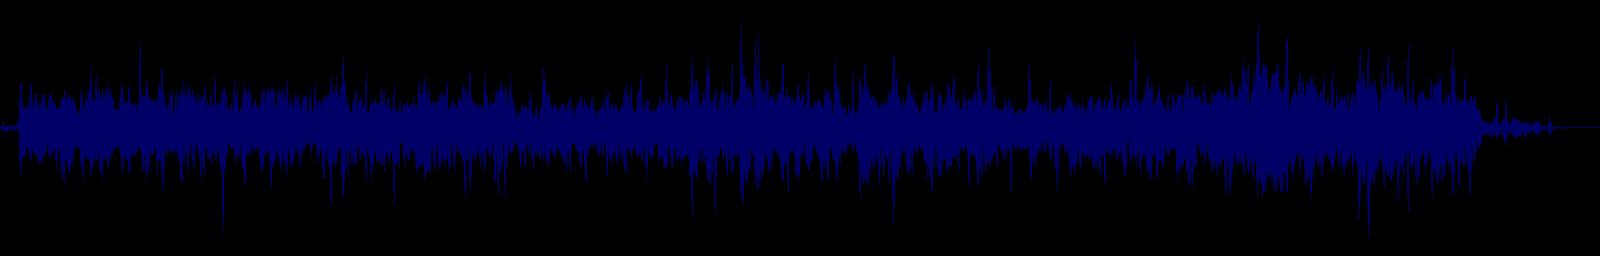 waveform of track #150602